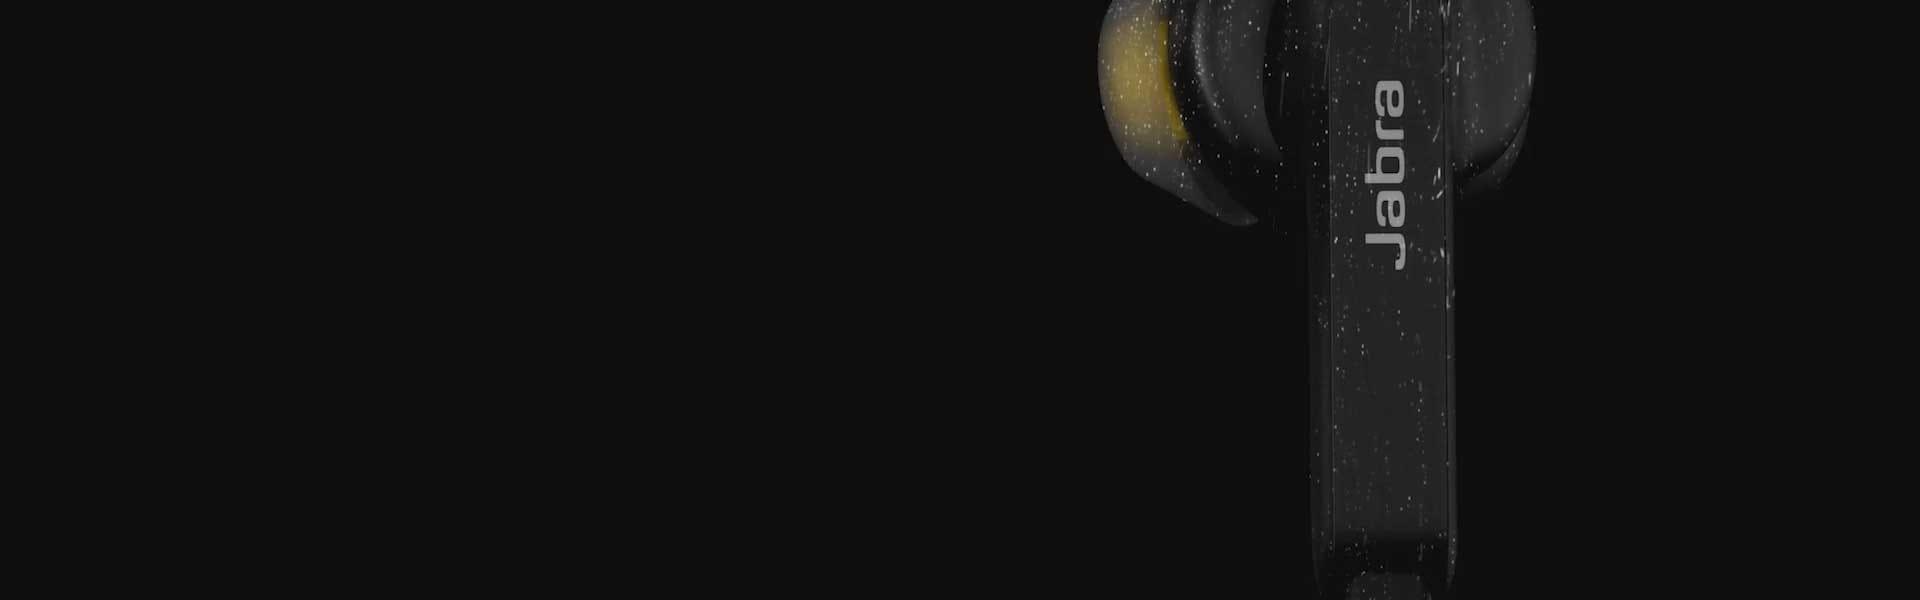 Jabra Elite 25e - Högklassigt batteri för trådlösa samtal och musik f30f1a7004f5b